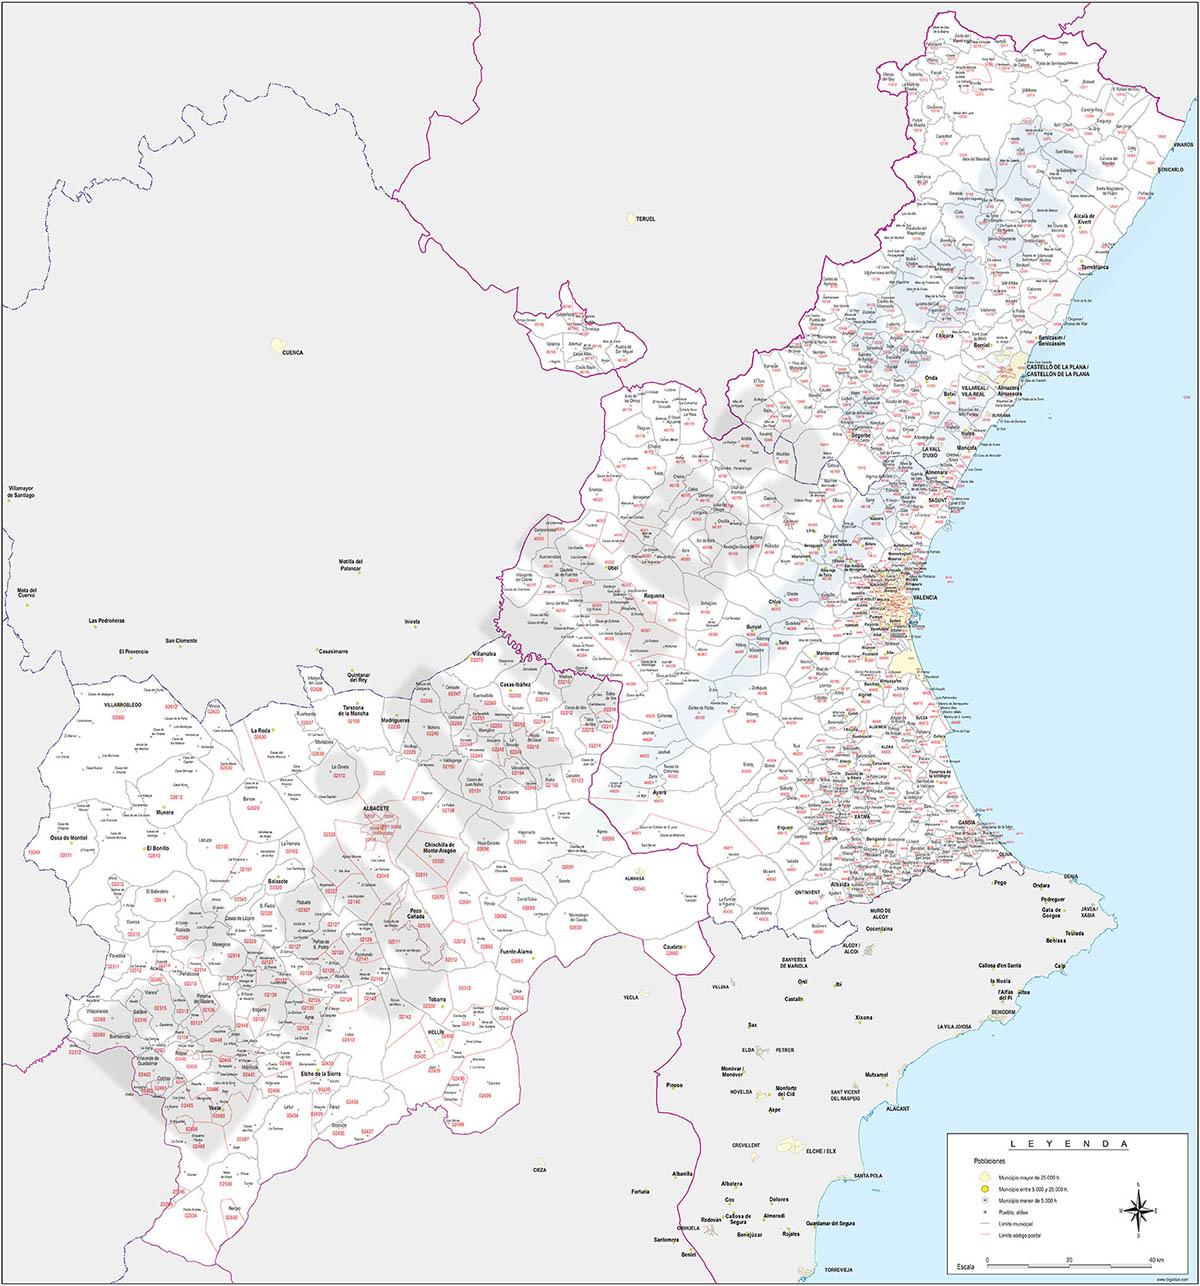 Mapa de códigos postales y municipios de las provincias de Albacete, Valencia y Castellon